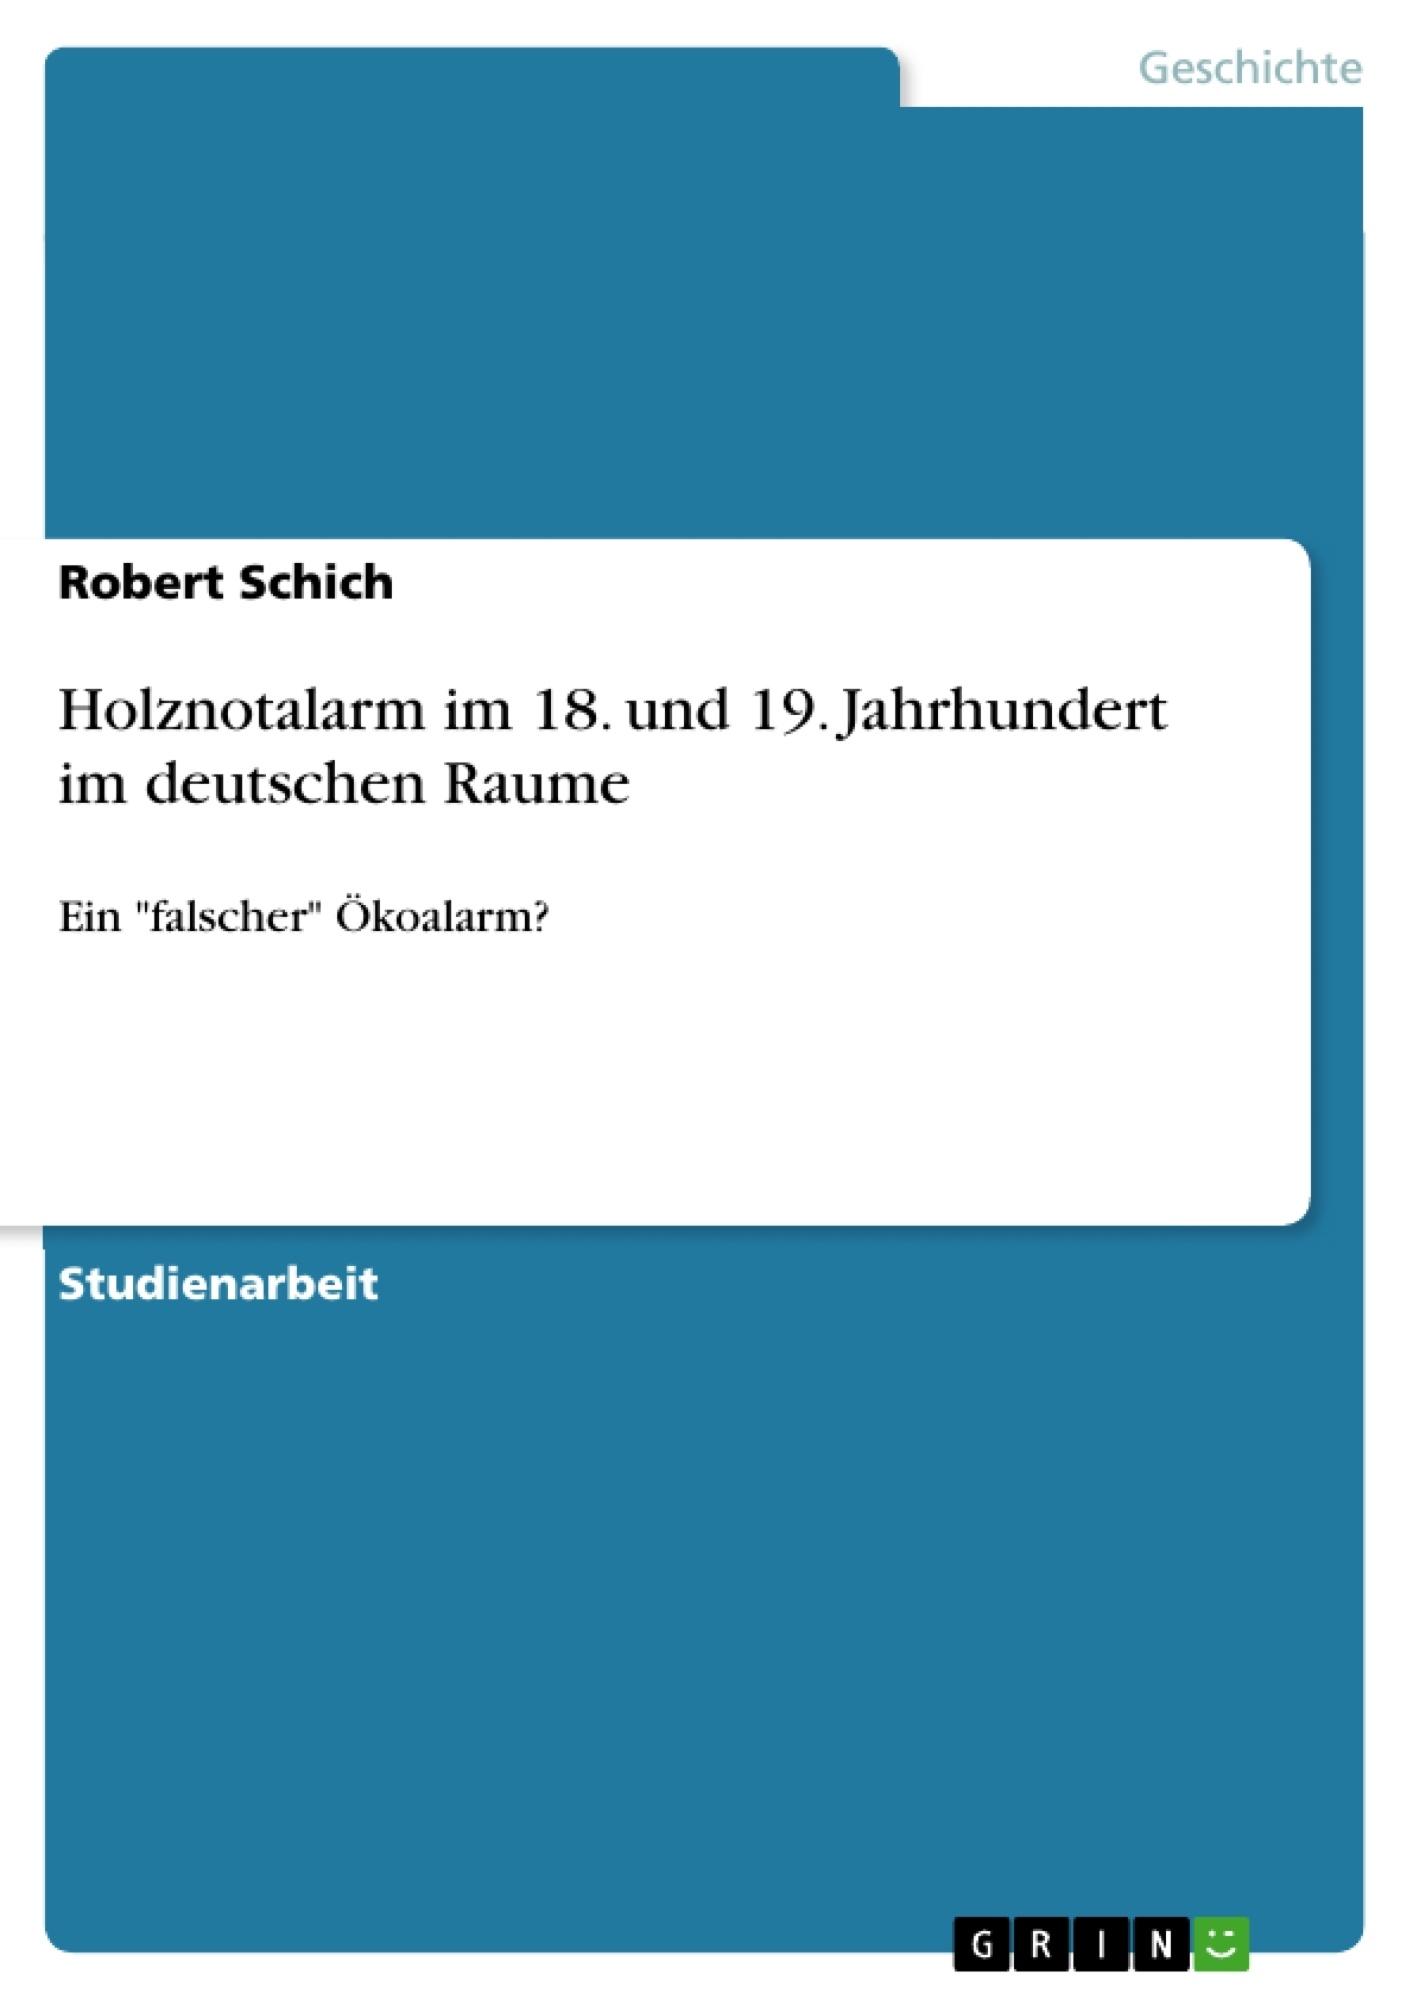 Titel: Holznotalarm im 18. und 19. Jahrhundert im deutschen Raume